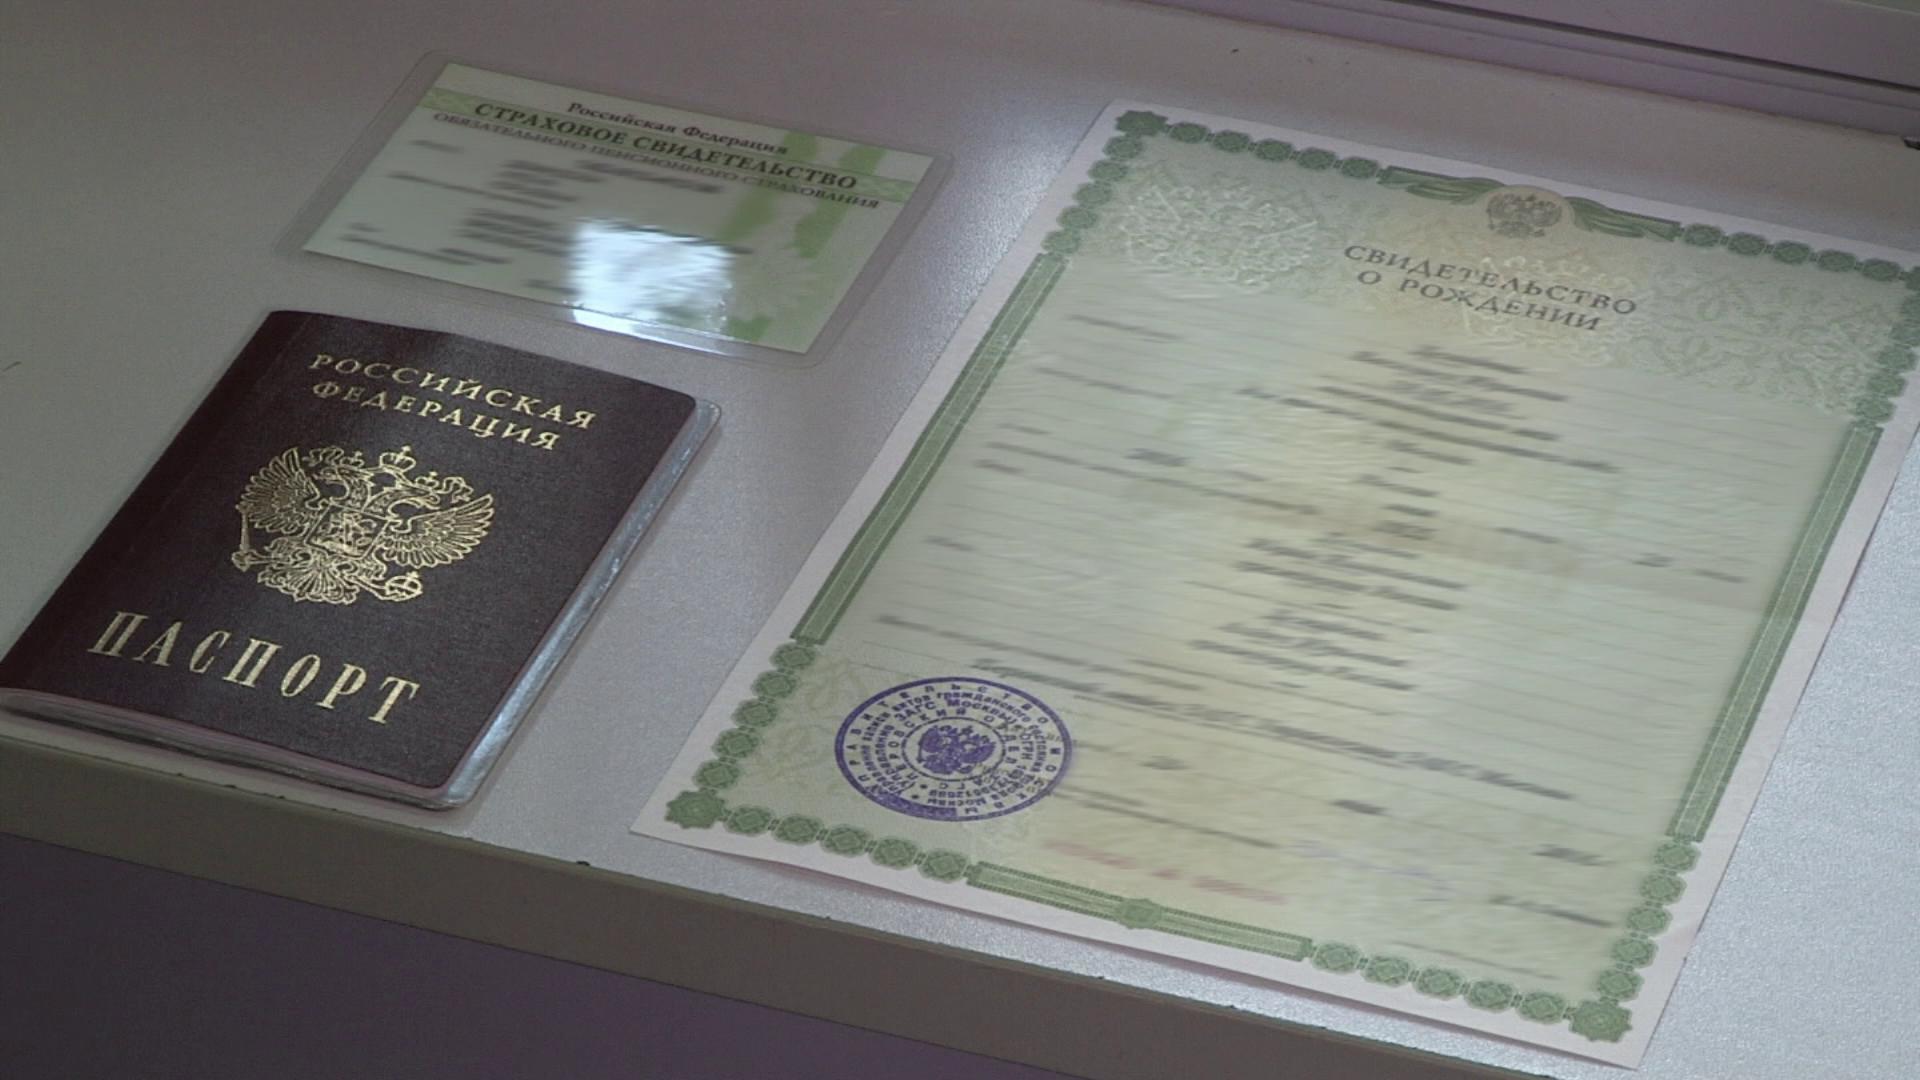 Как самостоятельно получить СНИЛС иностранному гражданину с видом на жительство в 2016-2017 году?